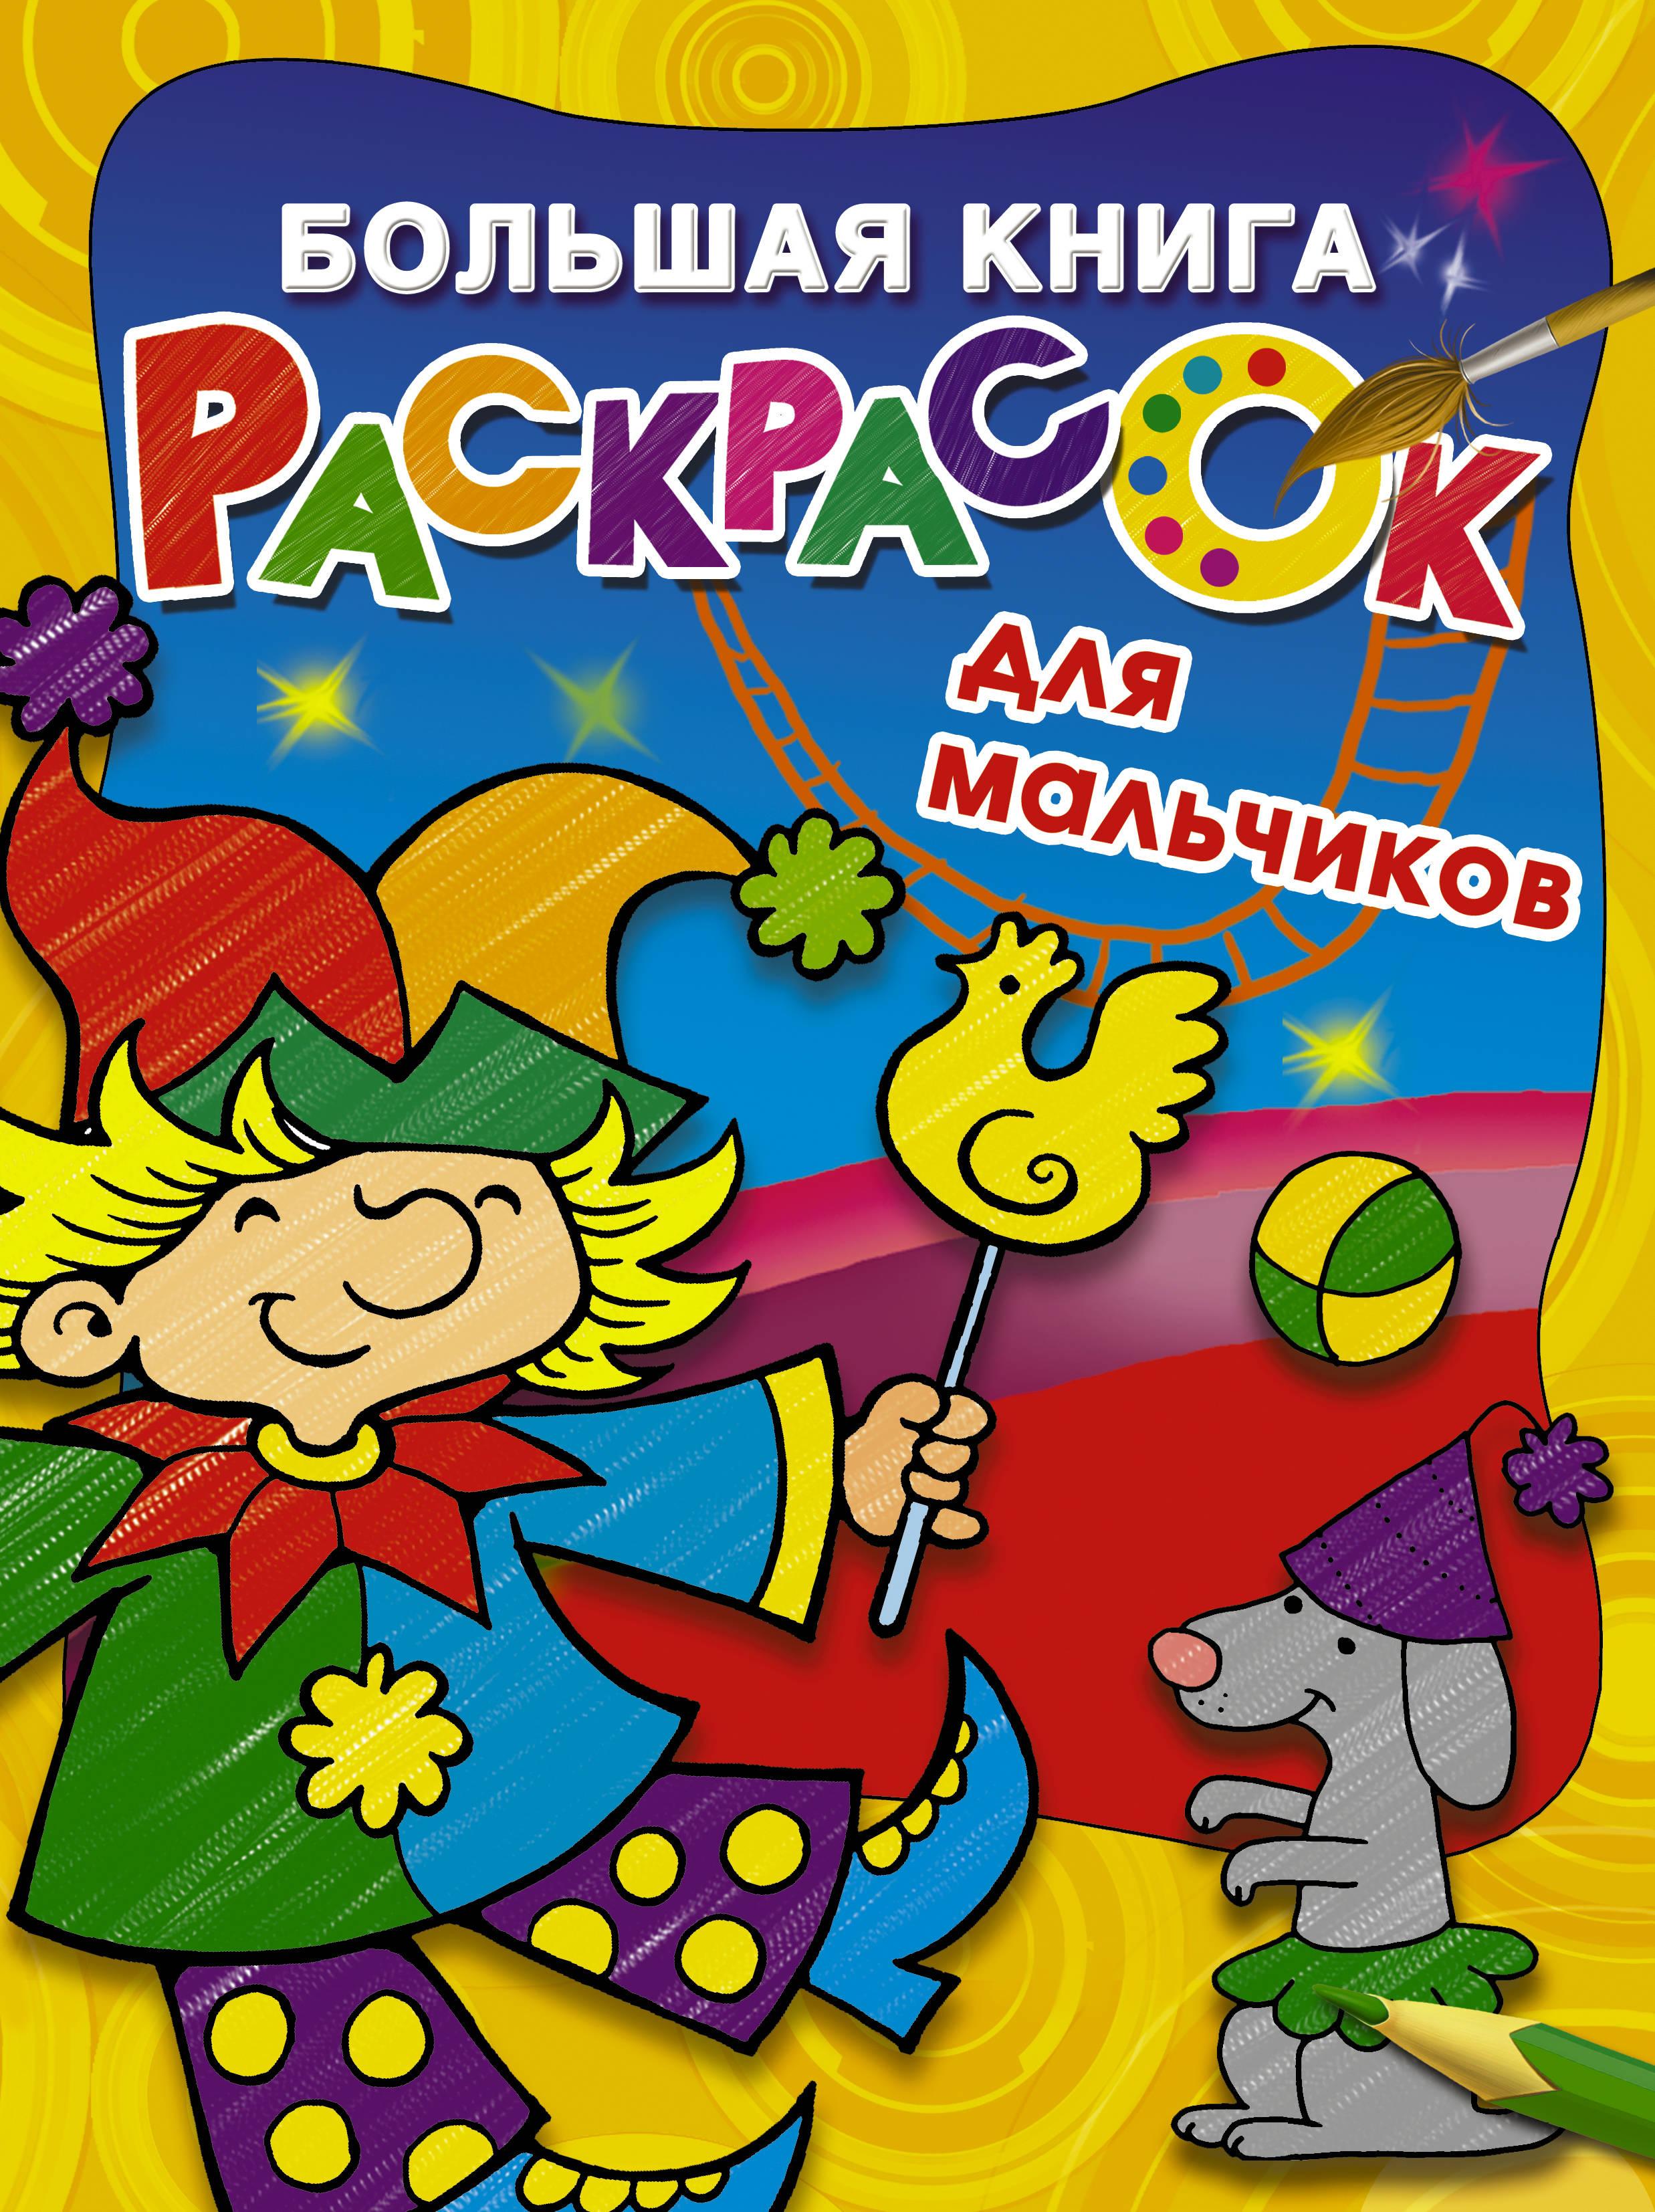 Большая книга раскрасок для мальчиков книга мастеров большая книга раскраска